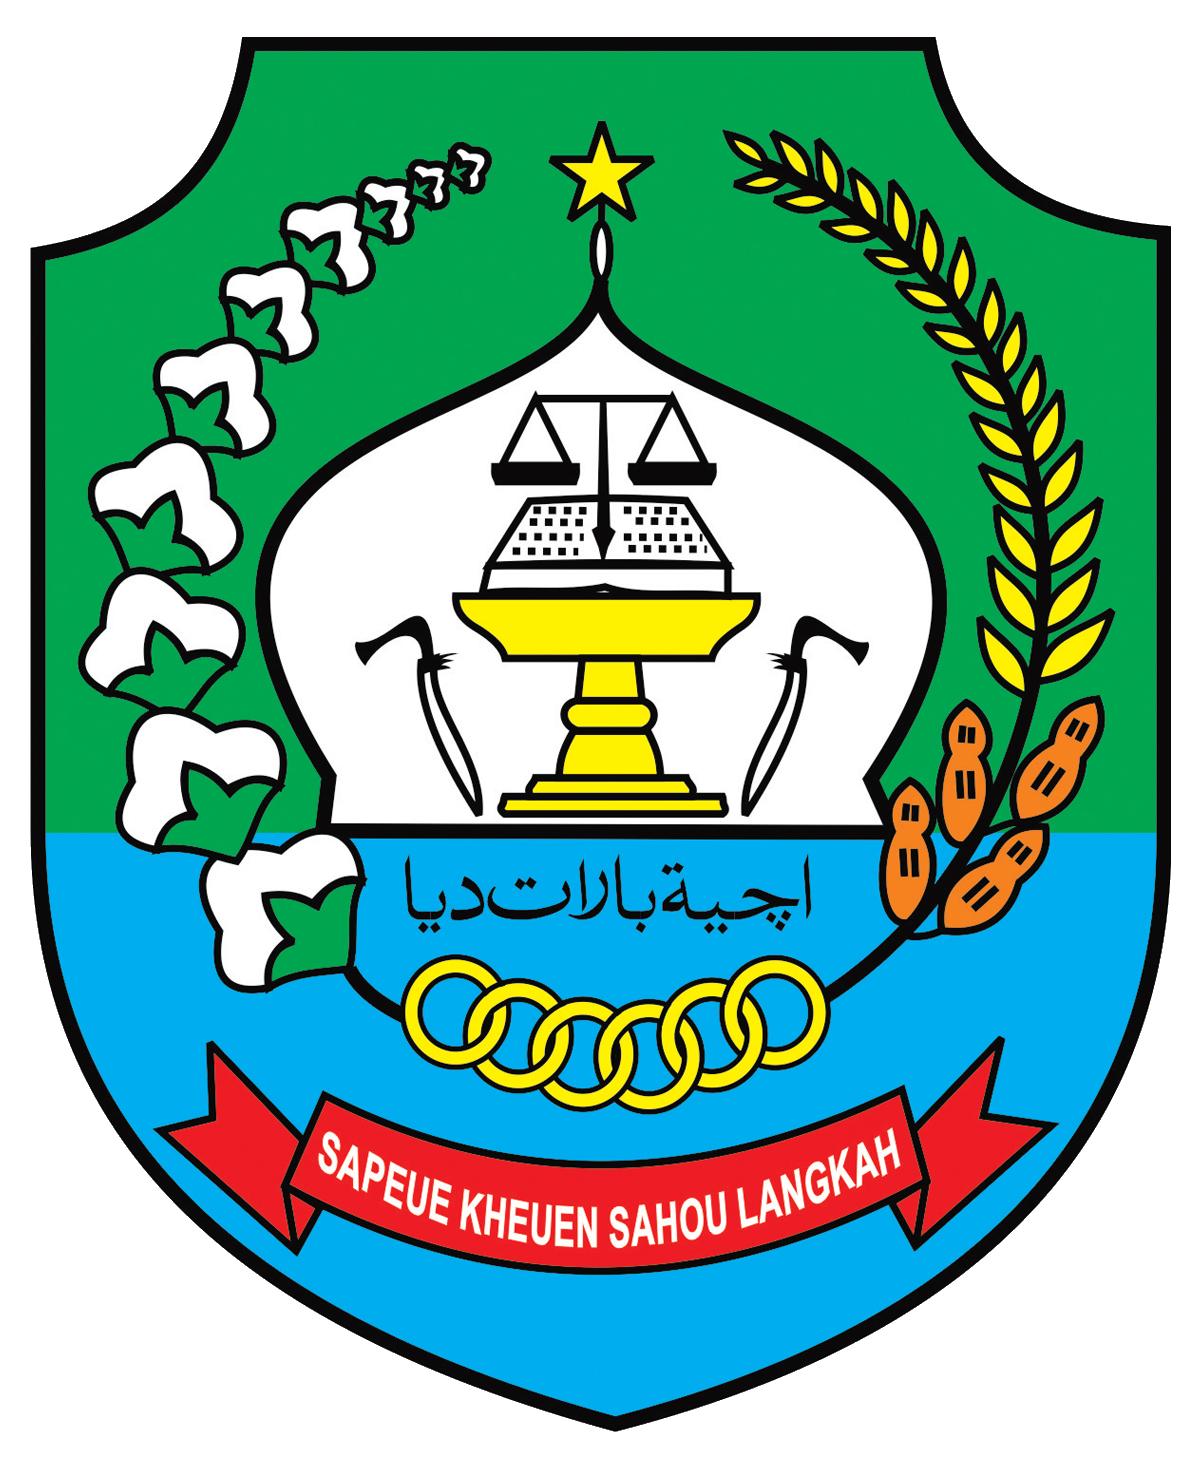 Berkas Lambang Kabupaten Aceh Barat Daya Png Wikipedia Bahasa Indonesia Ensiklopedia Bebas